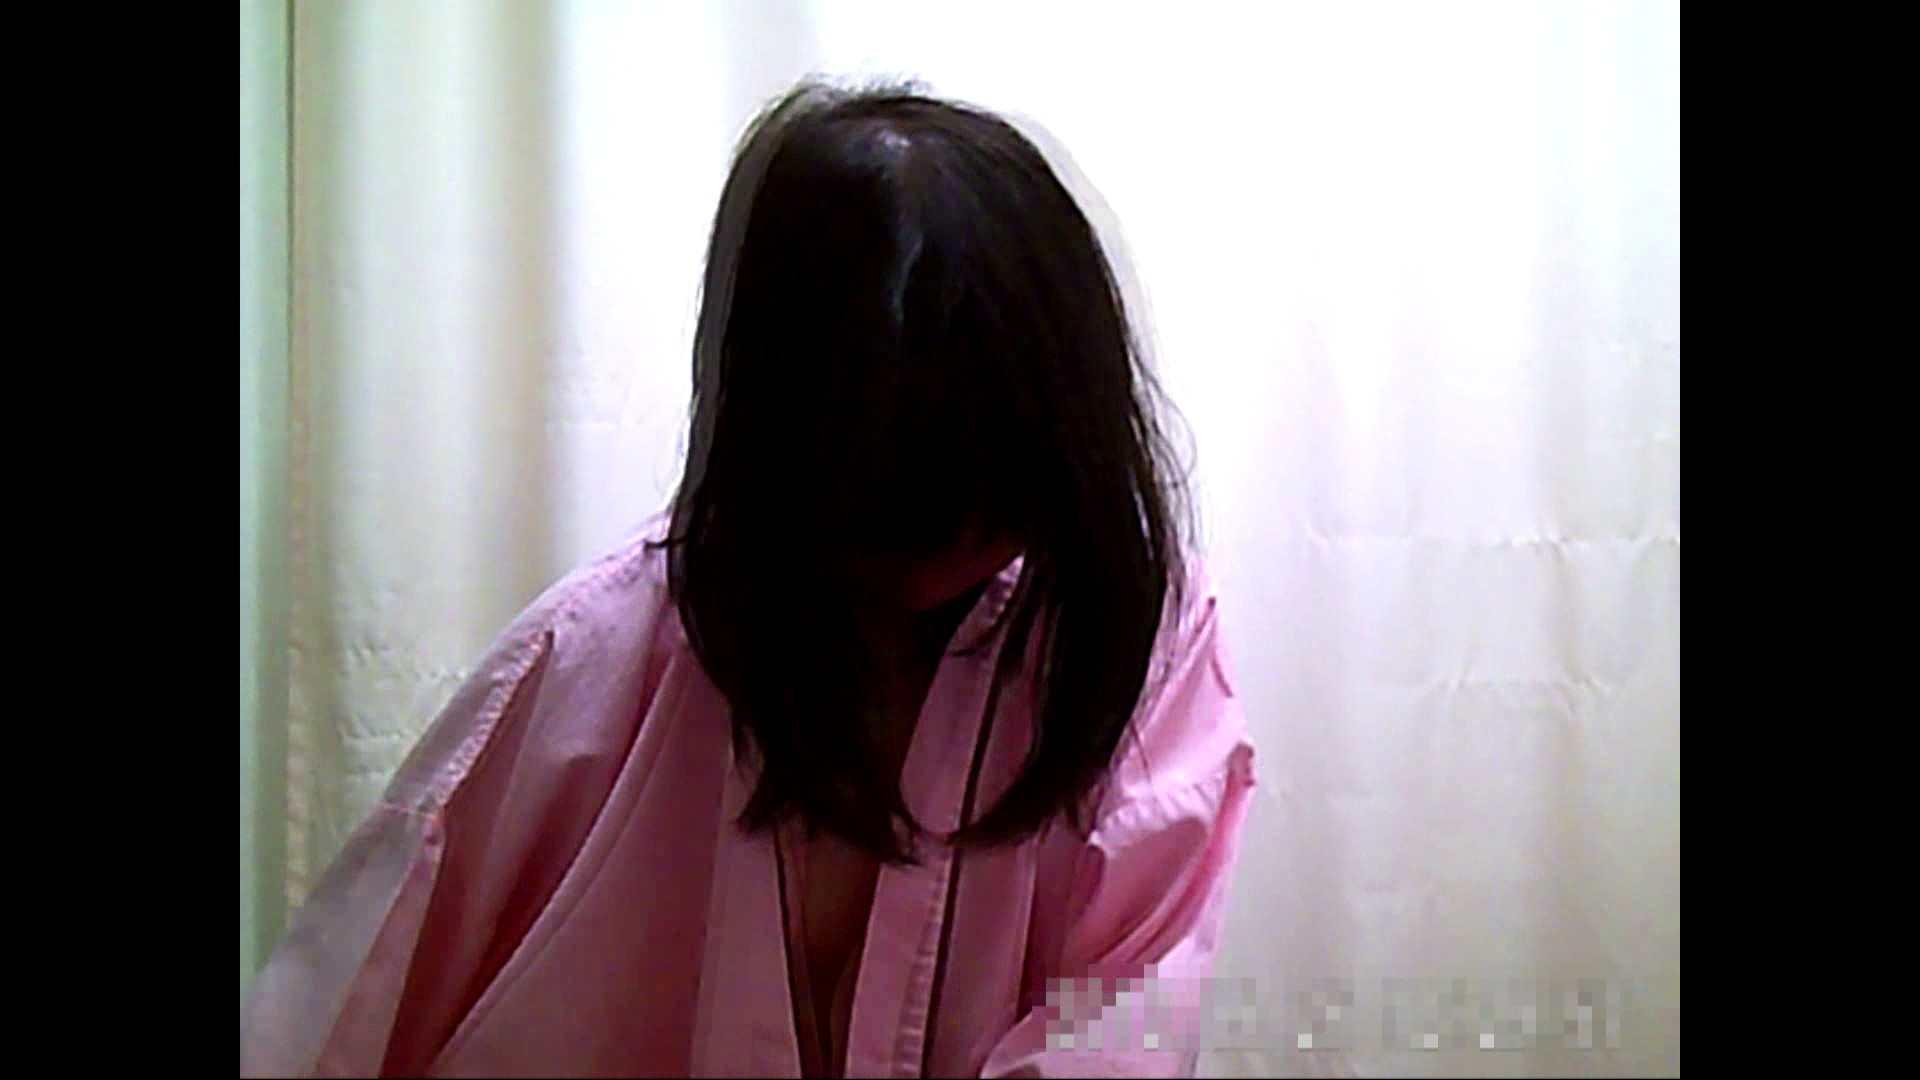 病院おもいっきり着替え! vol.217 貧乳 のぞき動画画像 61PIX 55